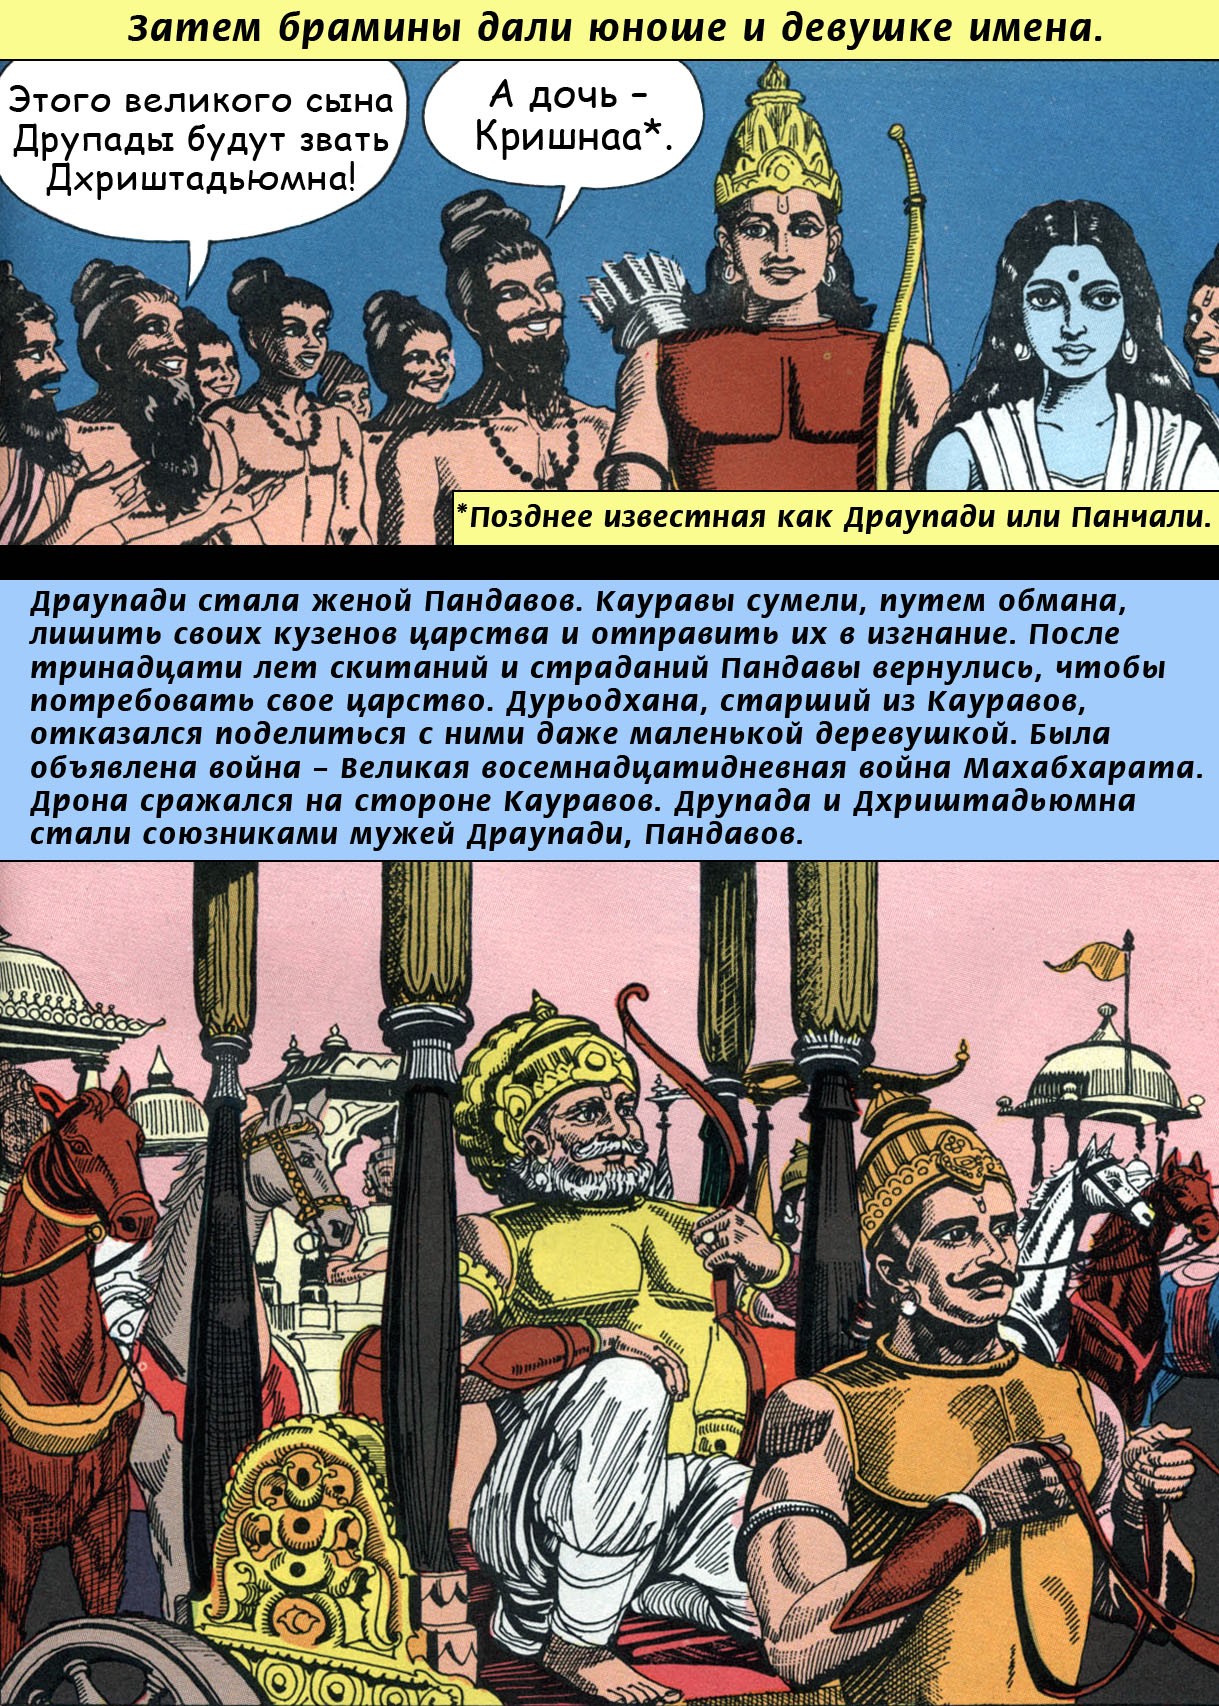 Рождение Дхриштадьюмны - сына Друпады - и Драупади